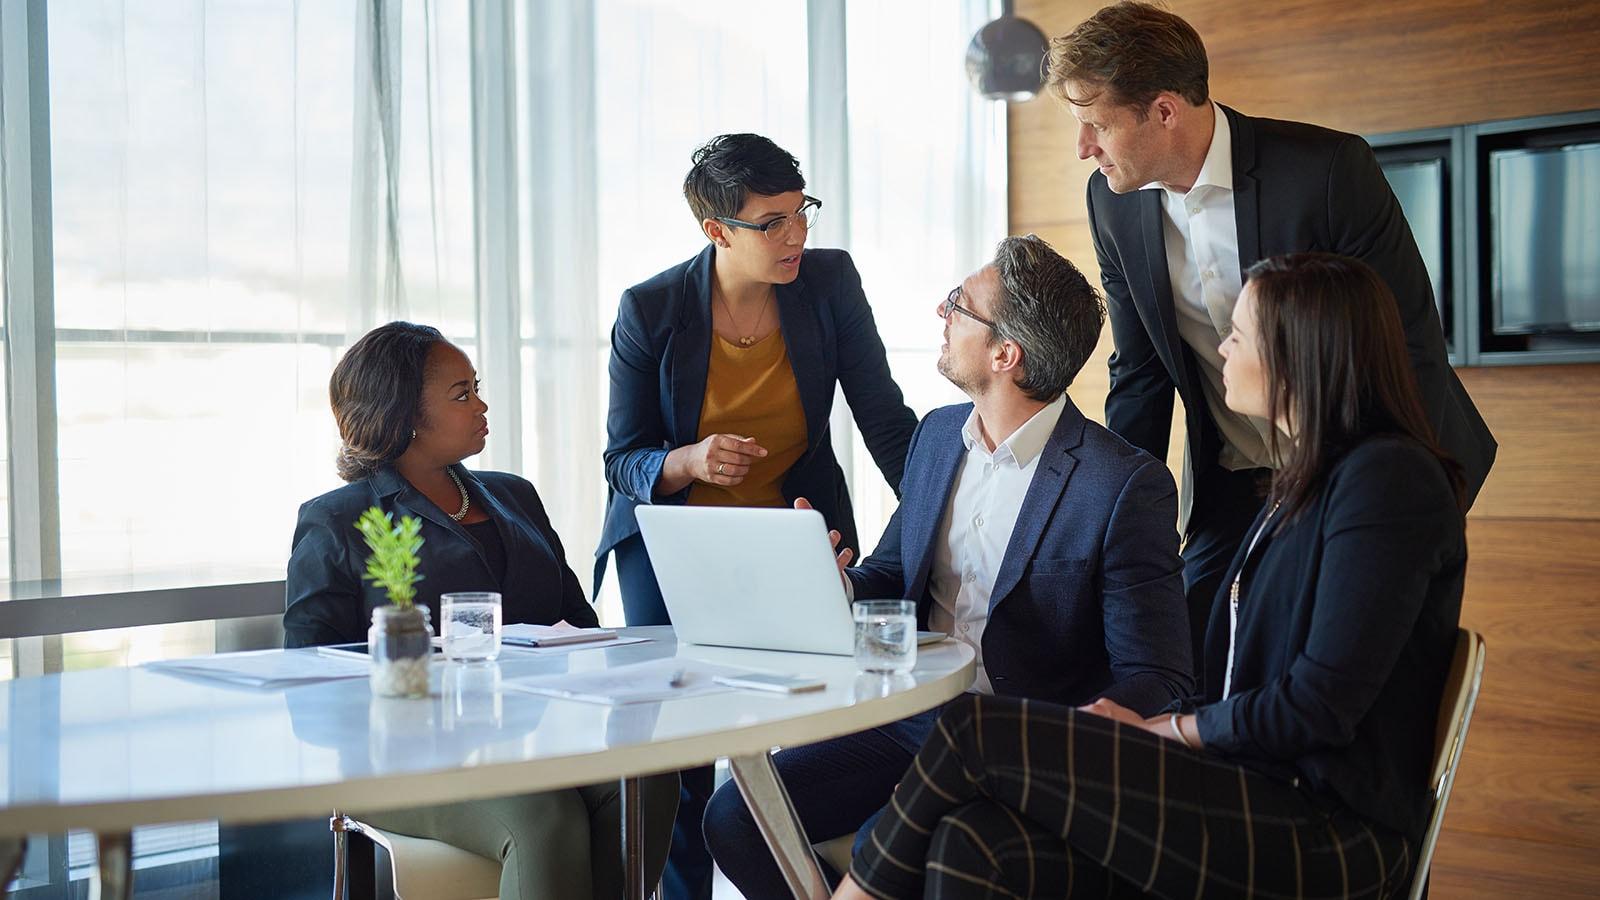 Coso 2016 enterprise risk management aligning risk with strategy - Coso 2016 Enterprise Risk Management Aligning Risk With Strategy 24